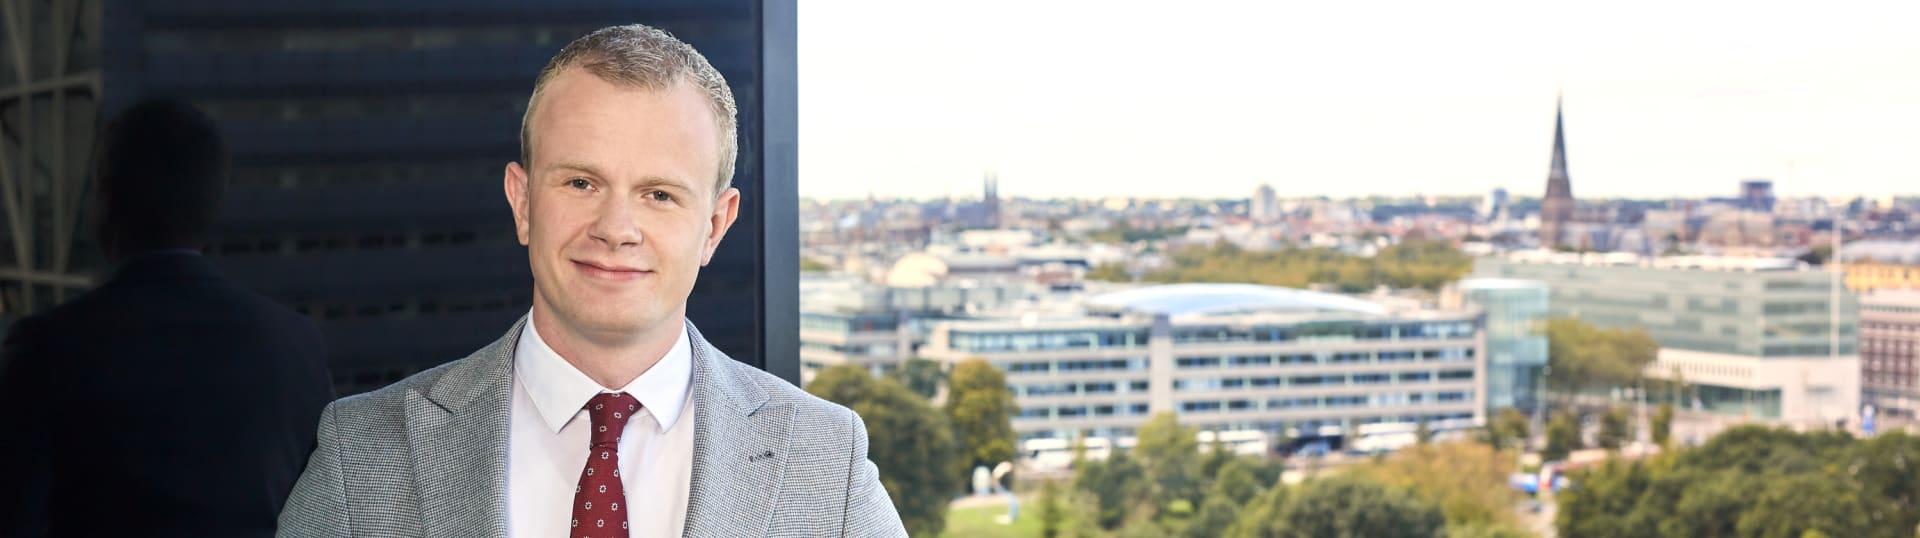 Alexander Boskma, advocaat Pels Rijcken